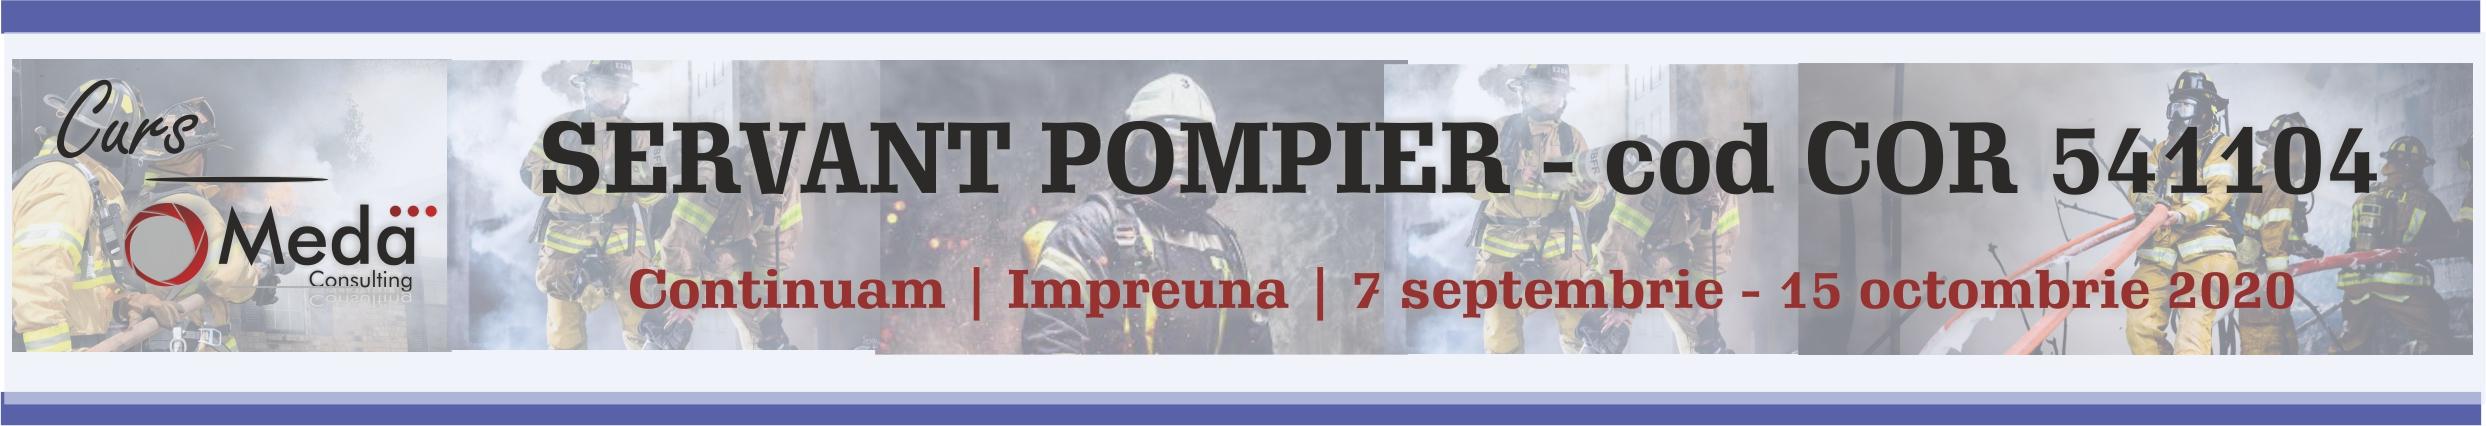 servant pompier cod cor 541104